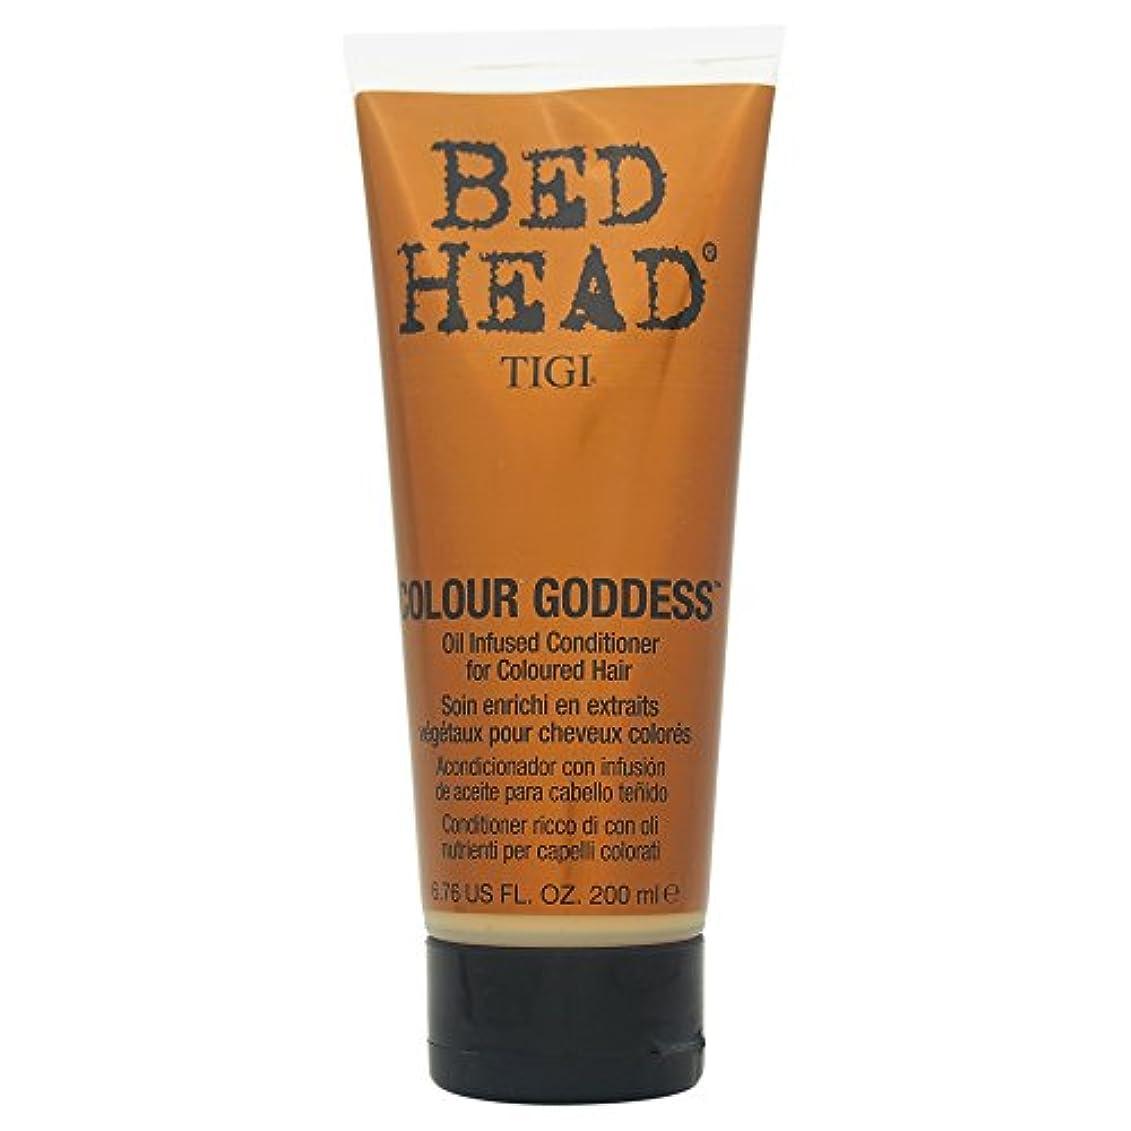 殺人者申し込むわかるTigi Bed Head Colour Goddess Oil Infused Conditioner 200ml [並行輸入品]